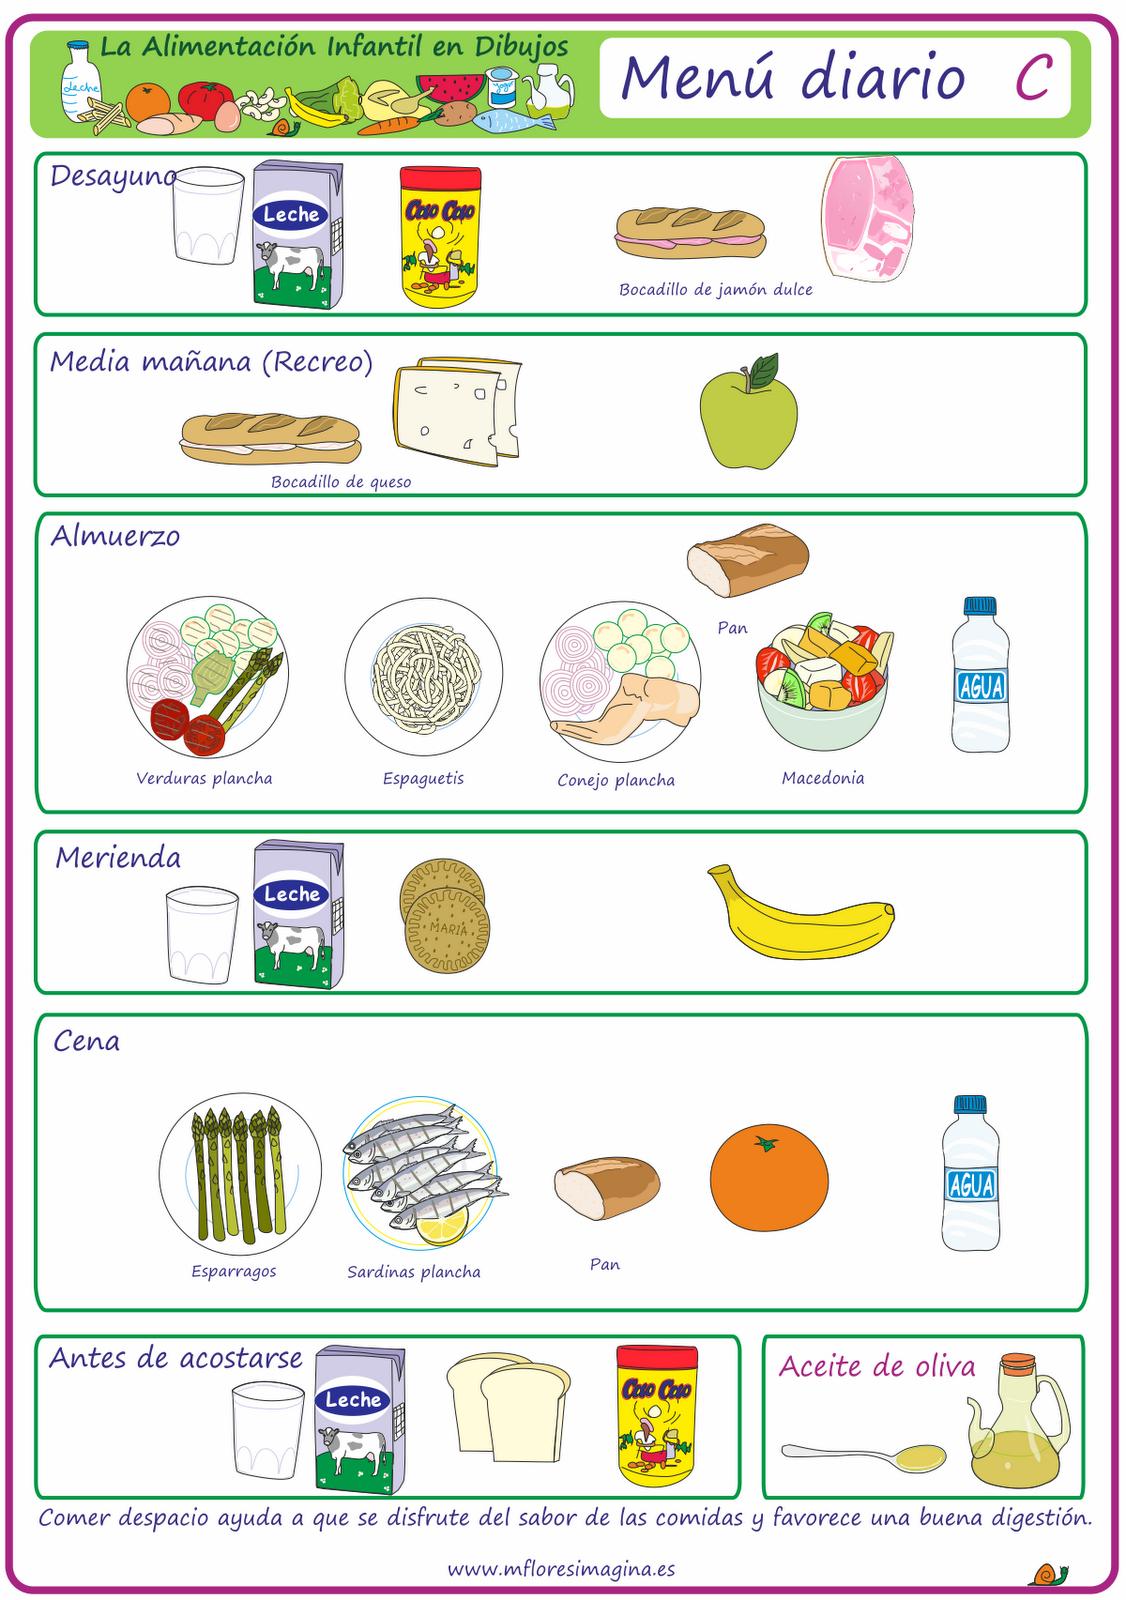 La Alimentación Infantil En Dibujos Etapa Escolar Comida En Español Alimentación Saludable Para Niños Alimentacion Saludable